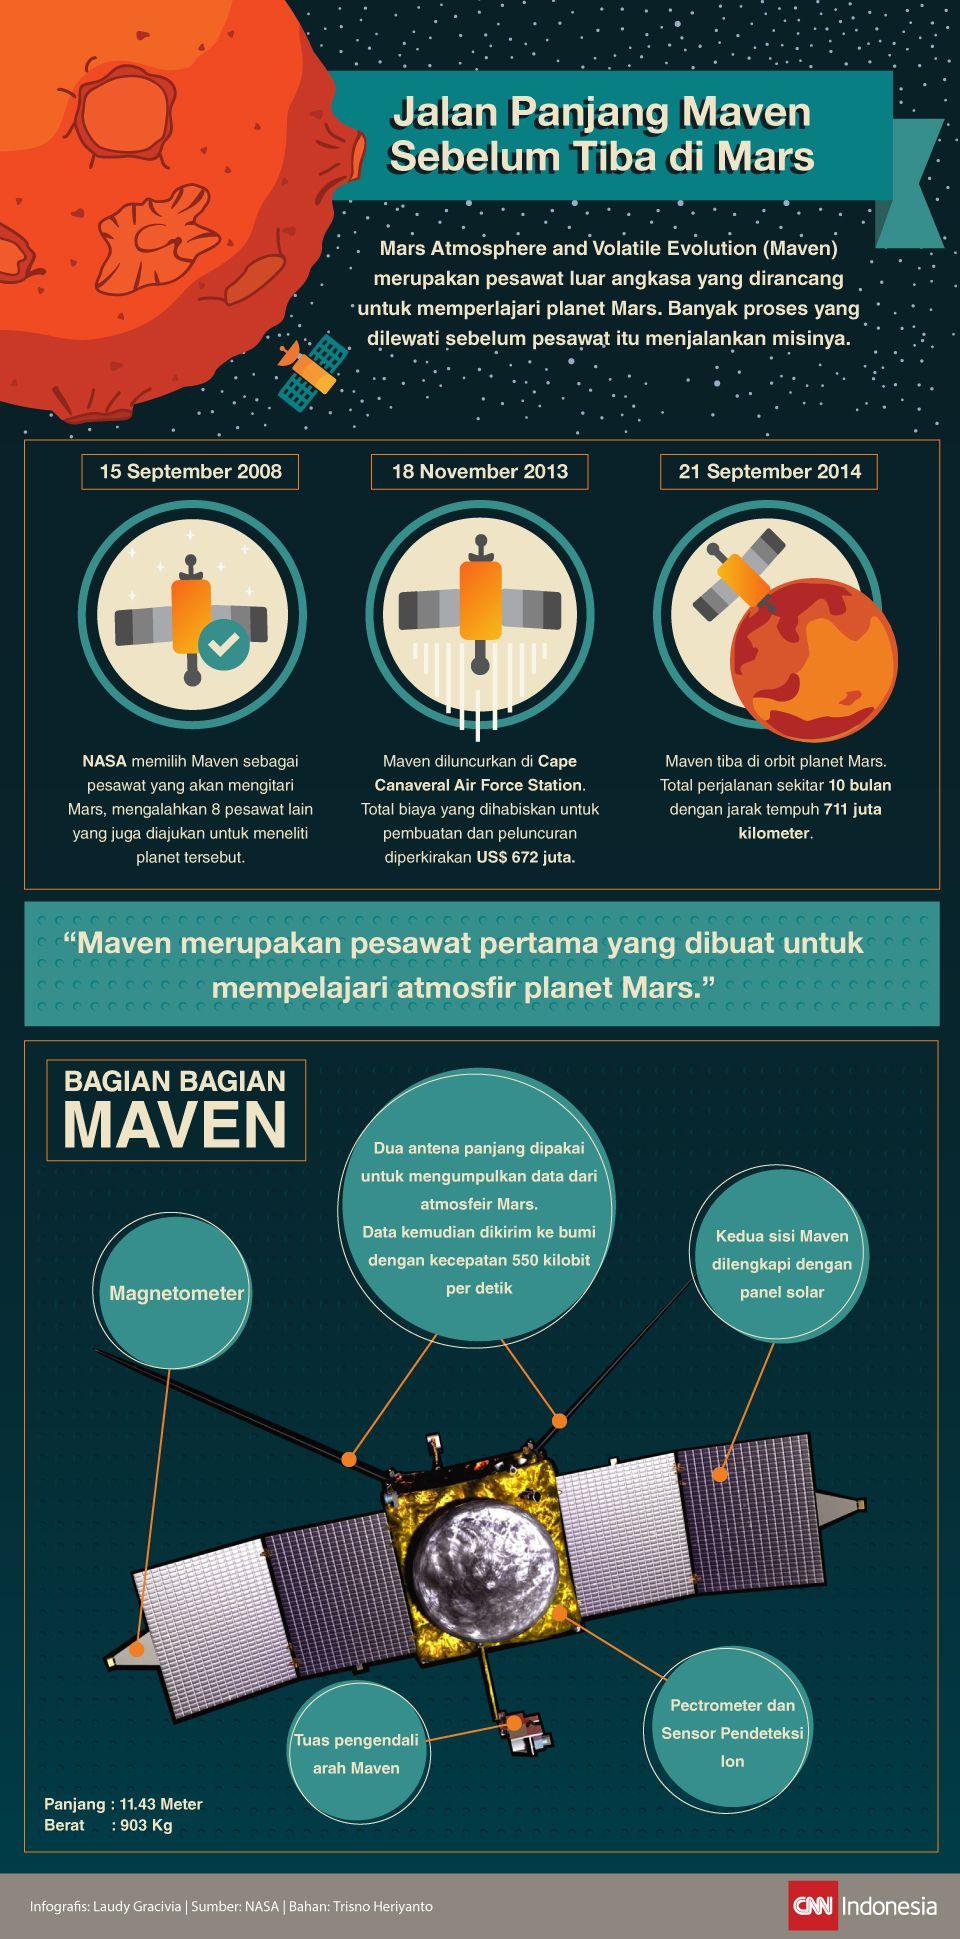 Infografis mengenai perjalanan maven sebelum menuju planet mars